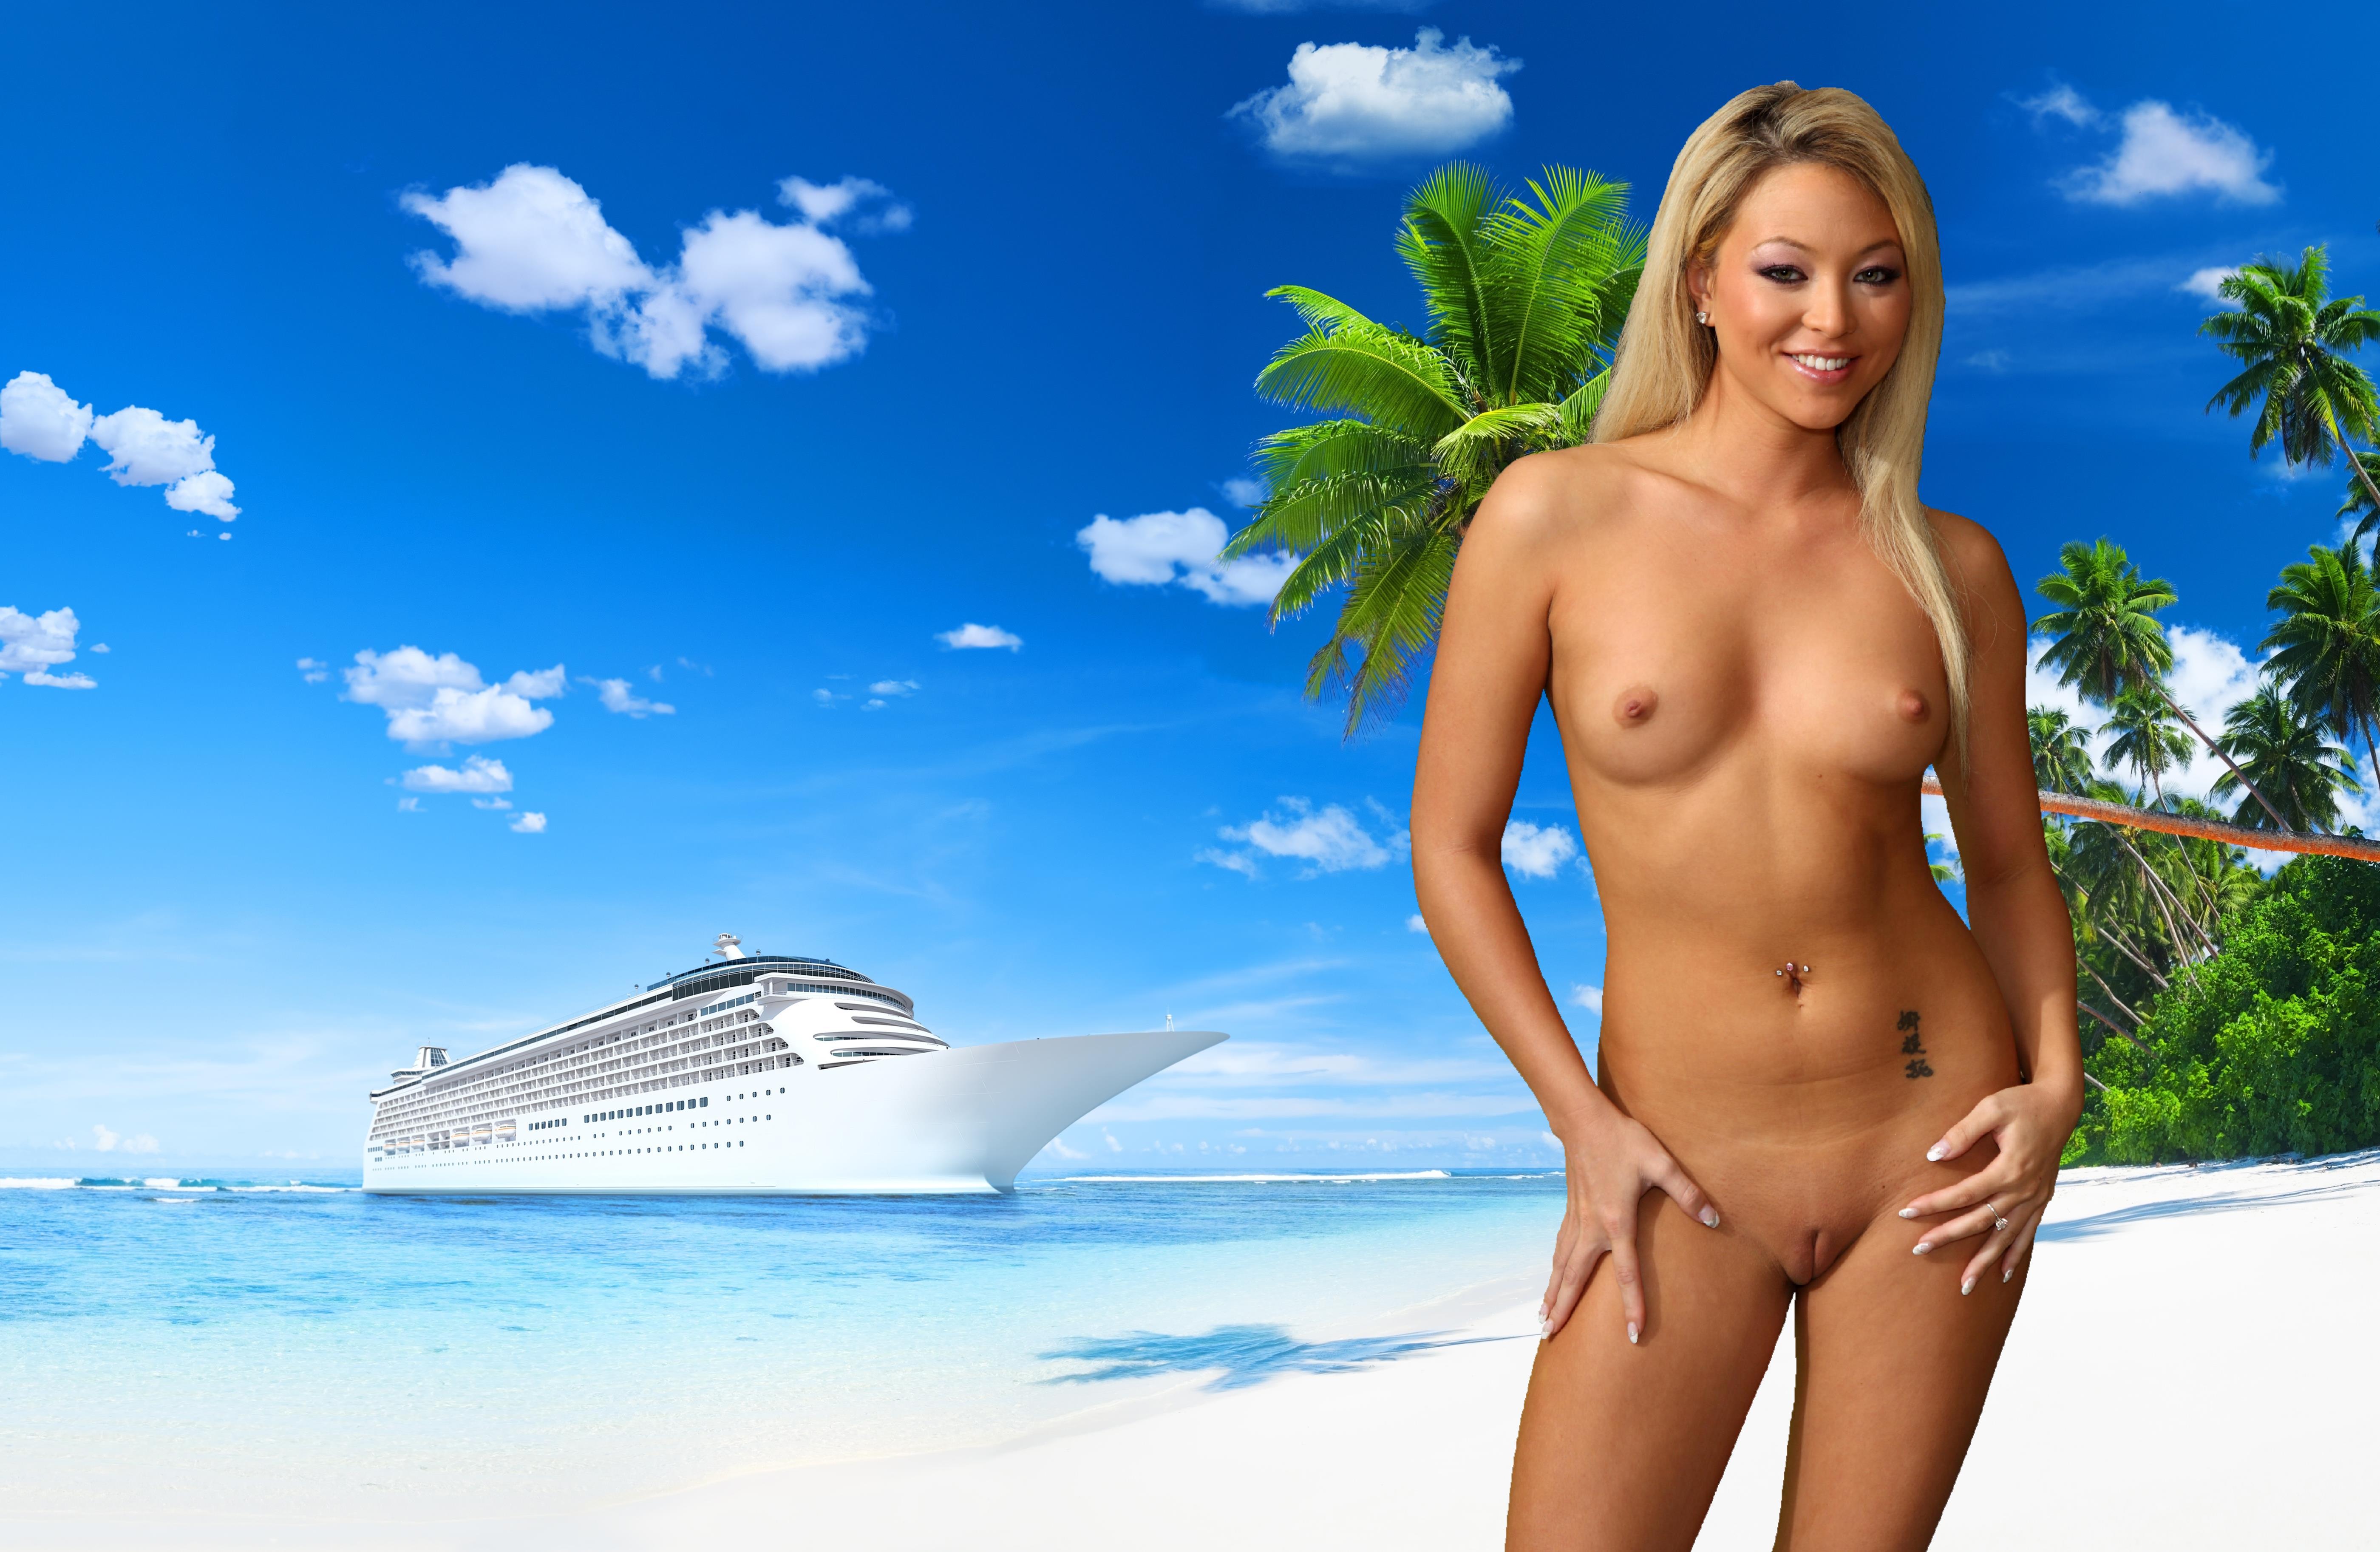 naked on cruise ship